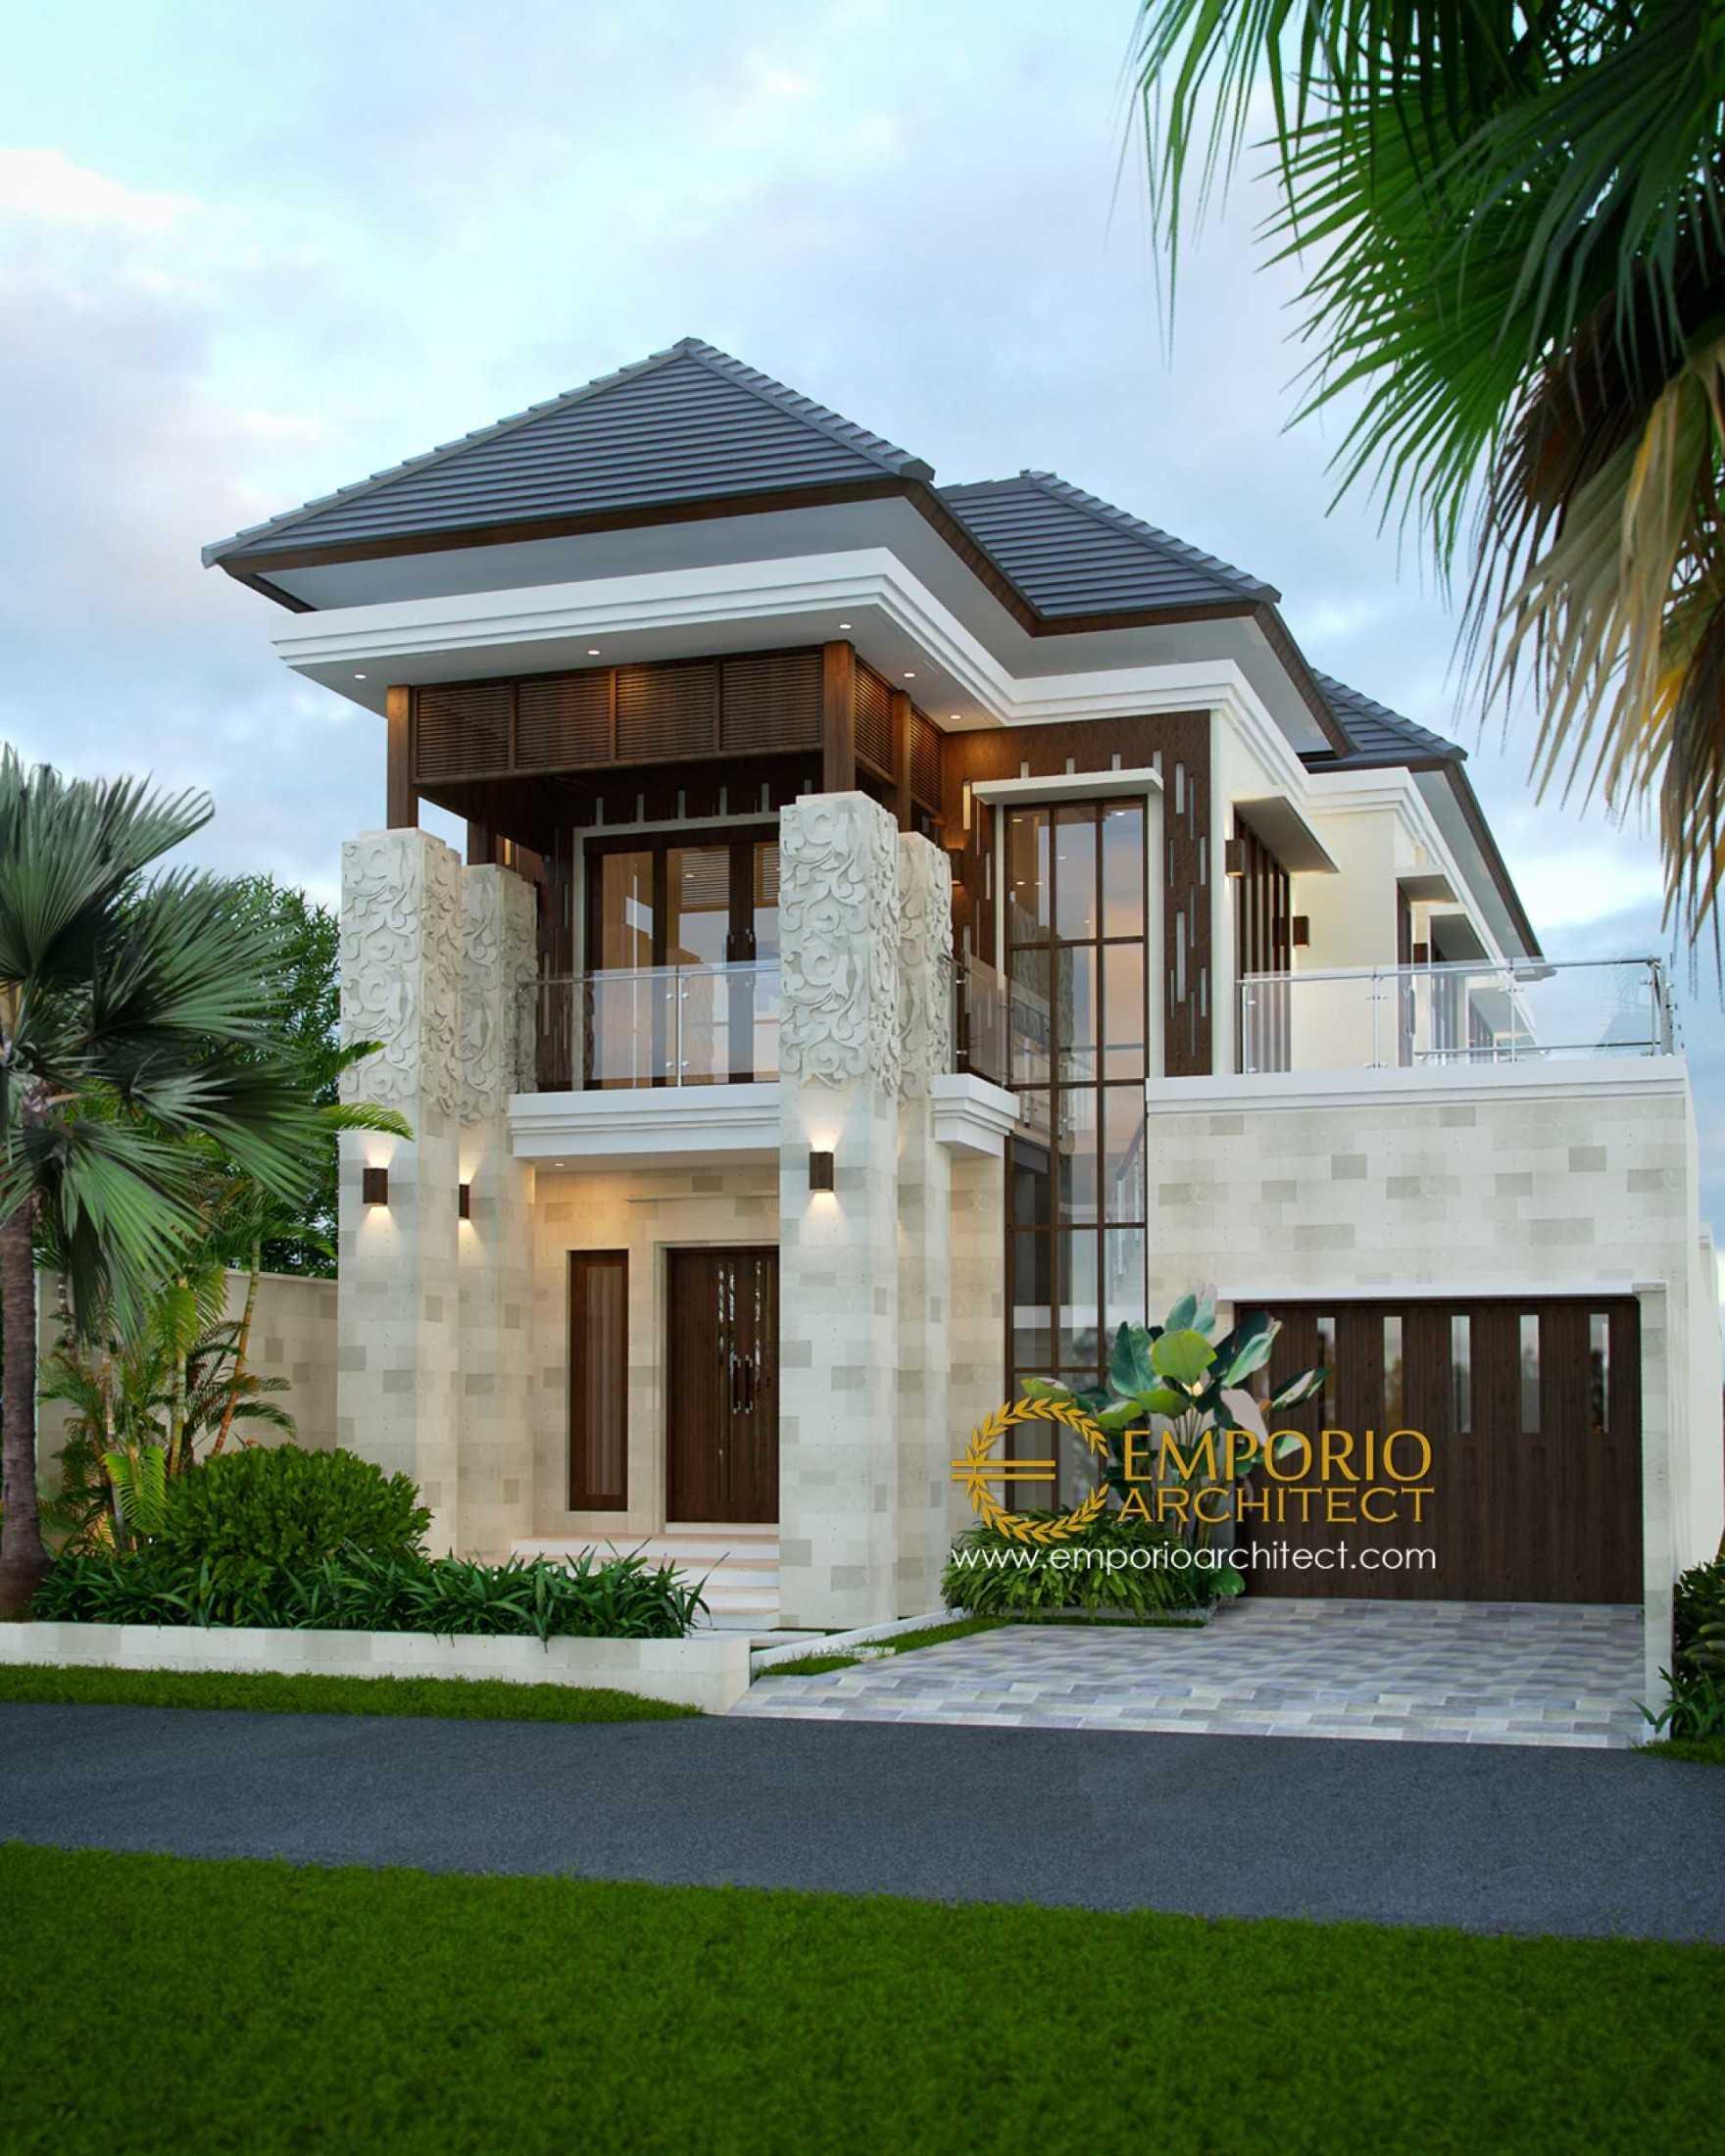 Jasa Arsitek Emporio Architect di Lampung